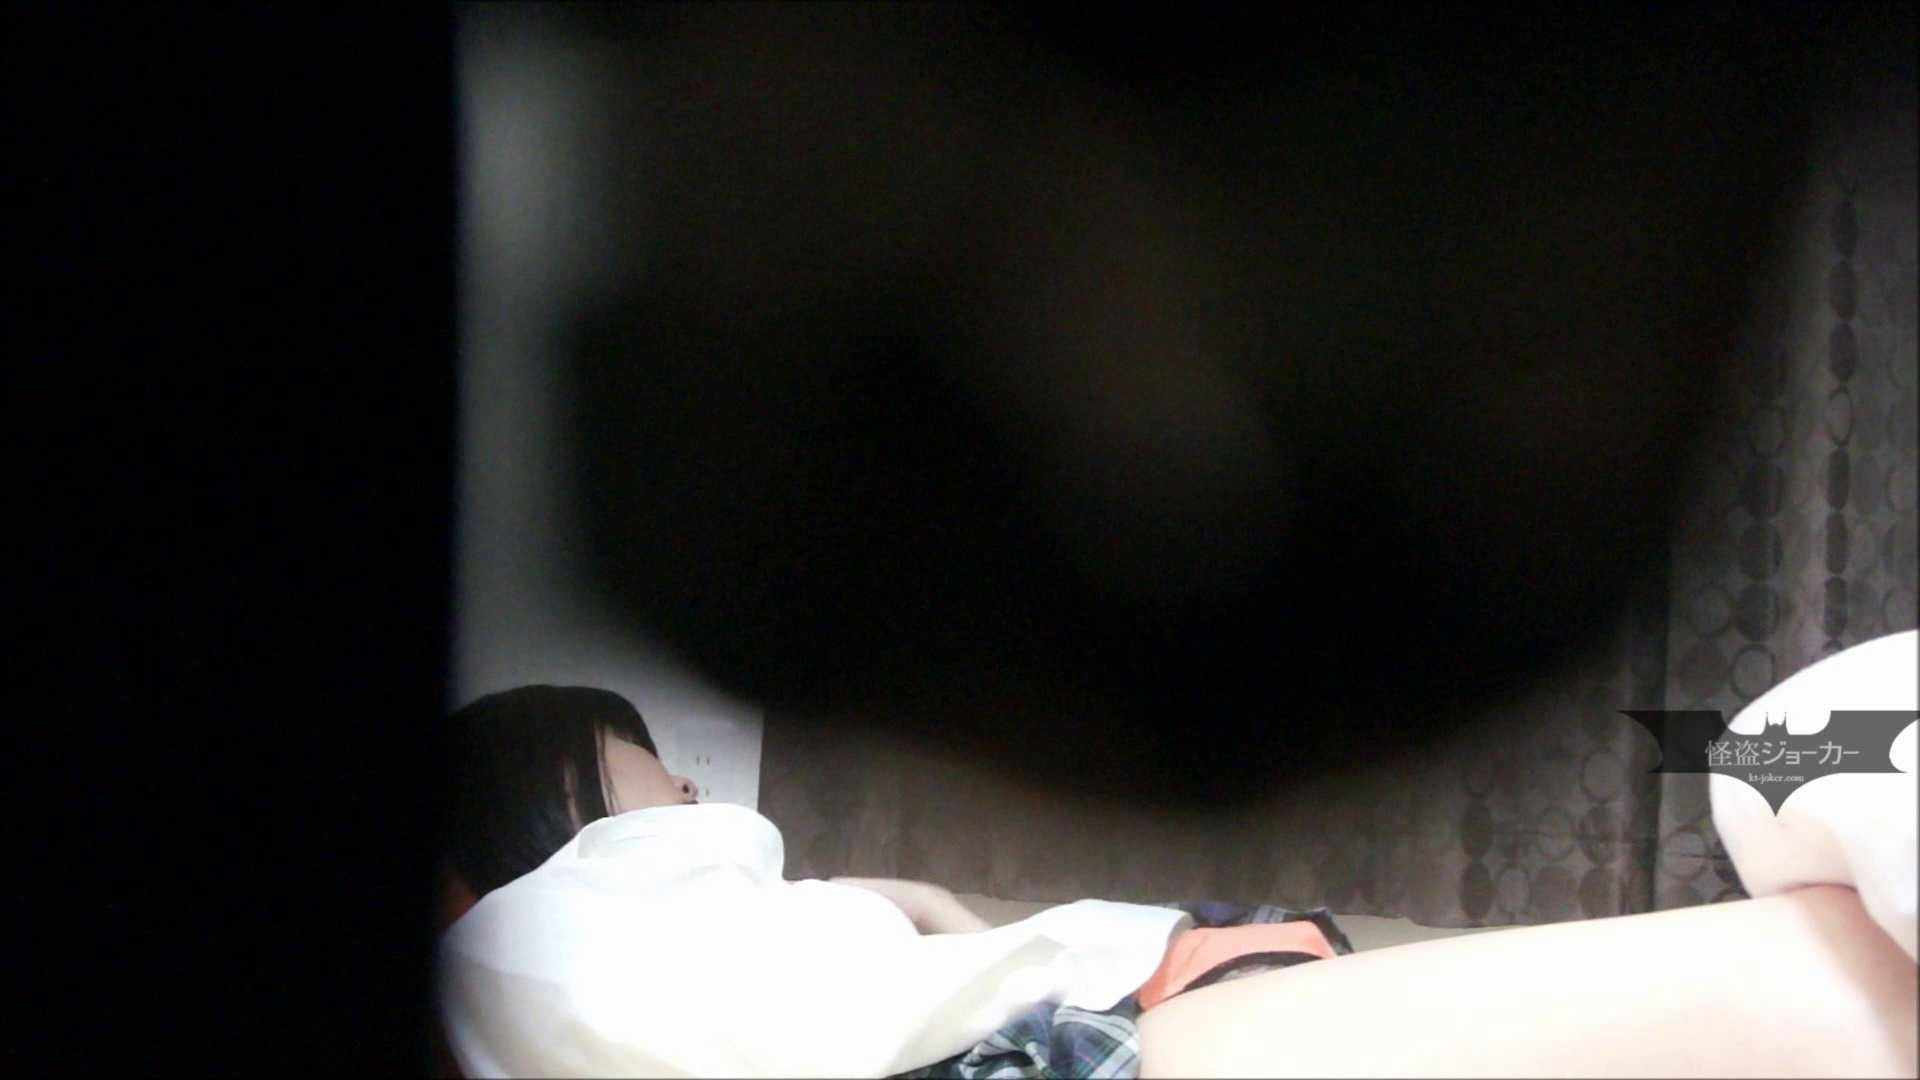 【未公開】vol.54【小春】脱衣所とオナニー隠し撮り オナニー  92pic 47